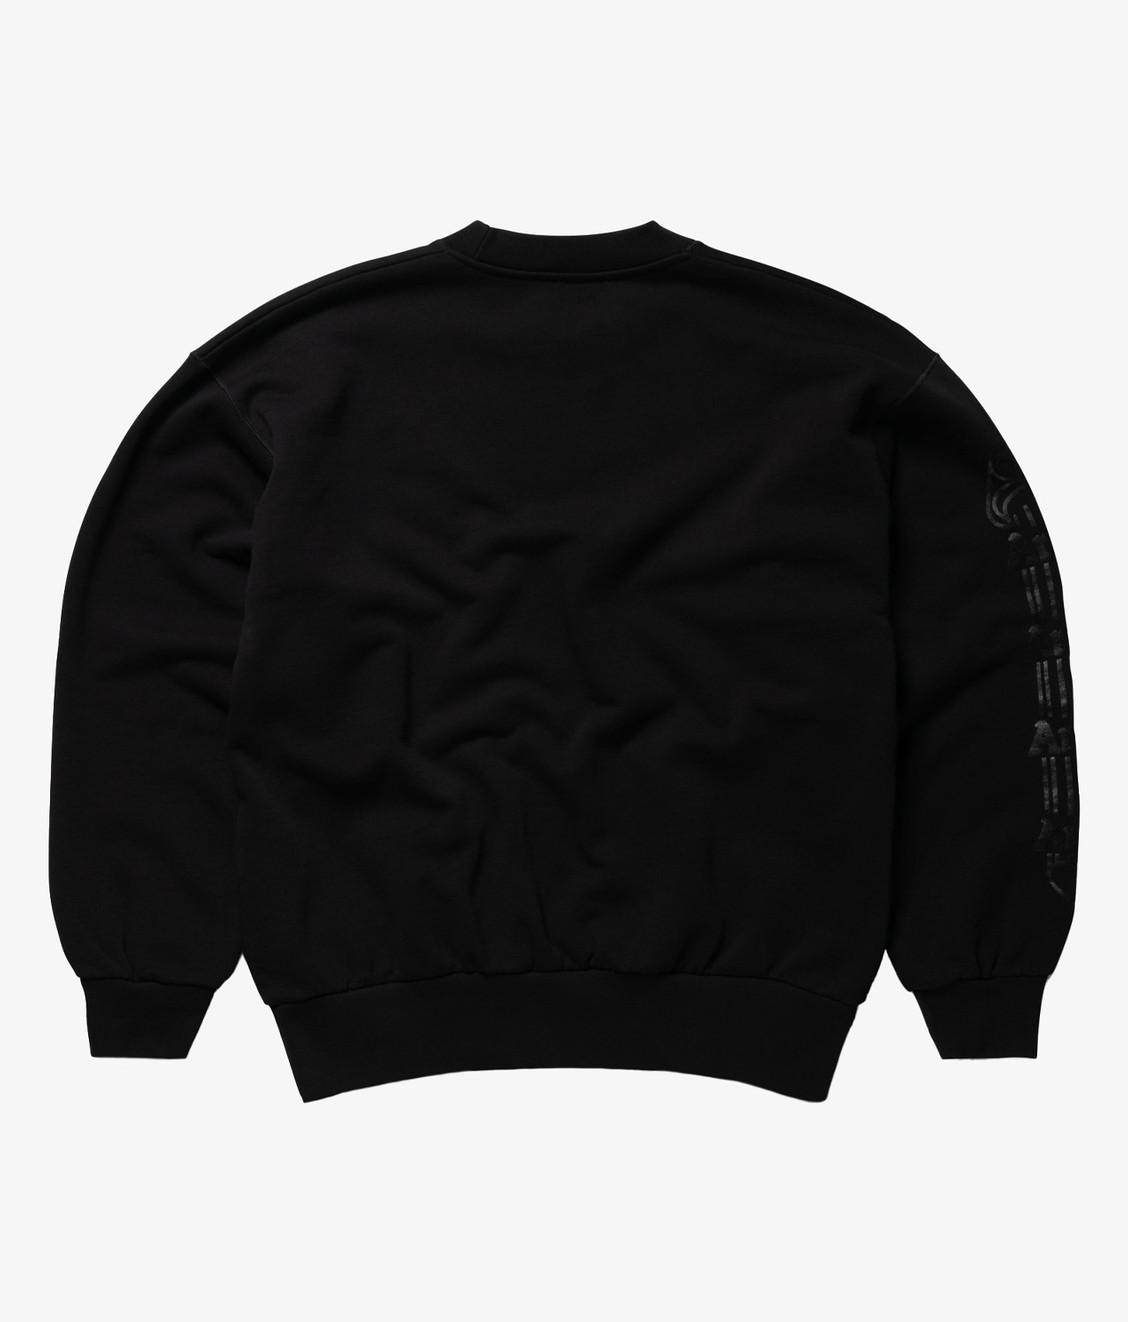 Aries Aries Column Sweatshirt Black